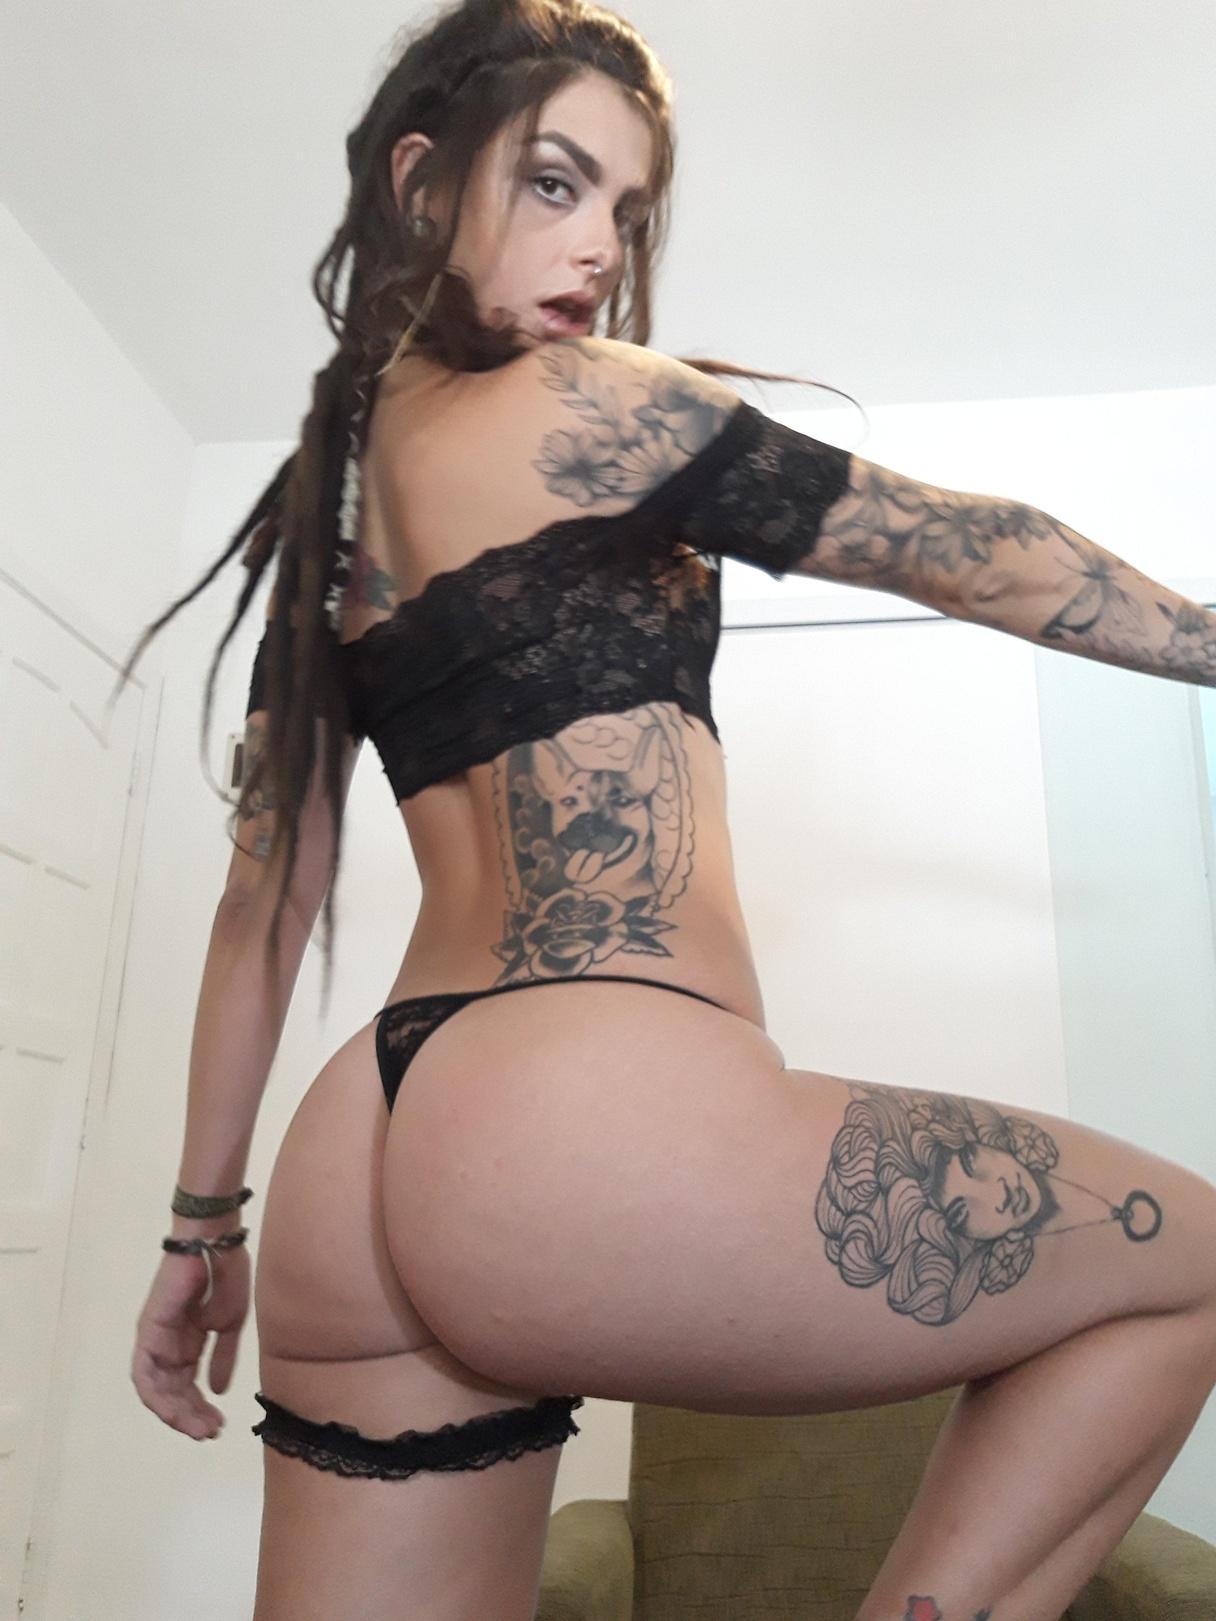 Estella warren sexy nude modelling photos